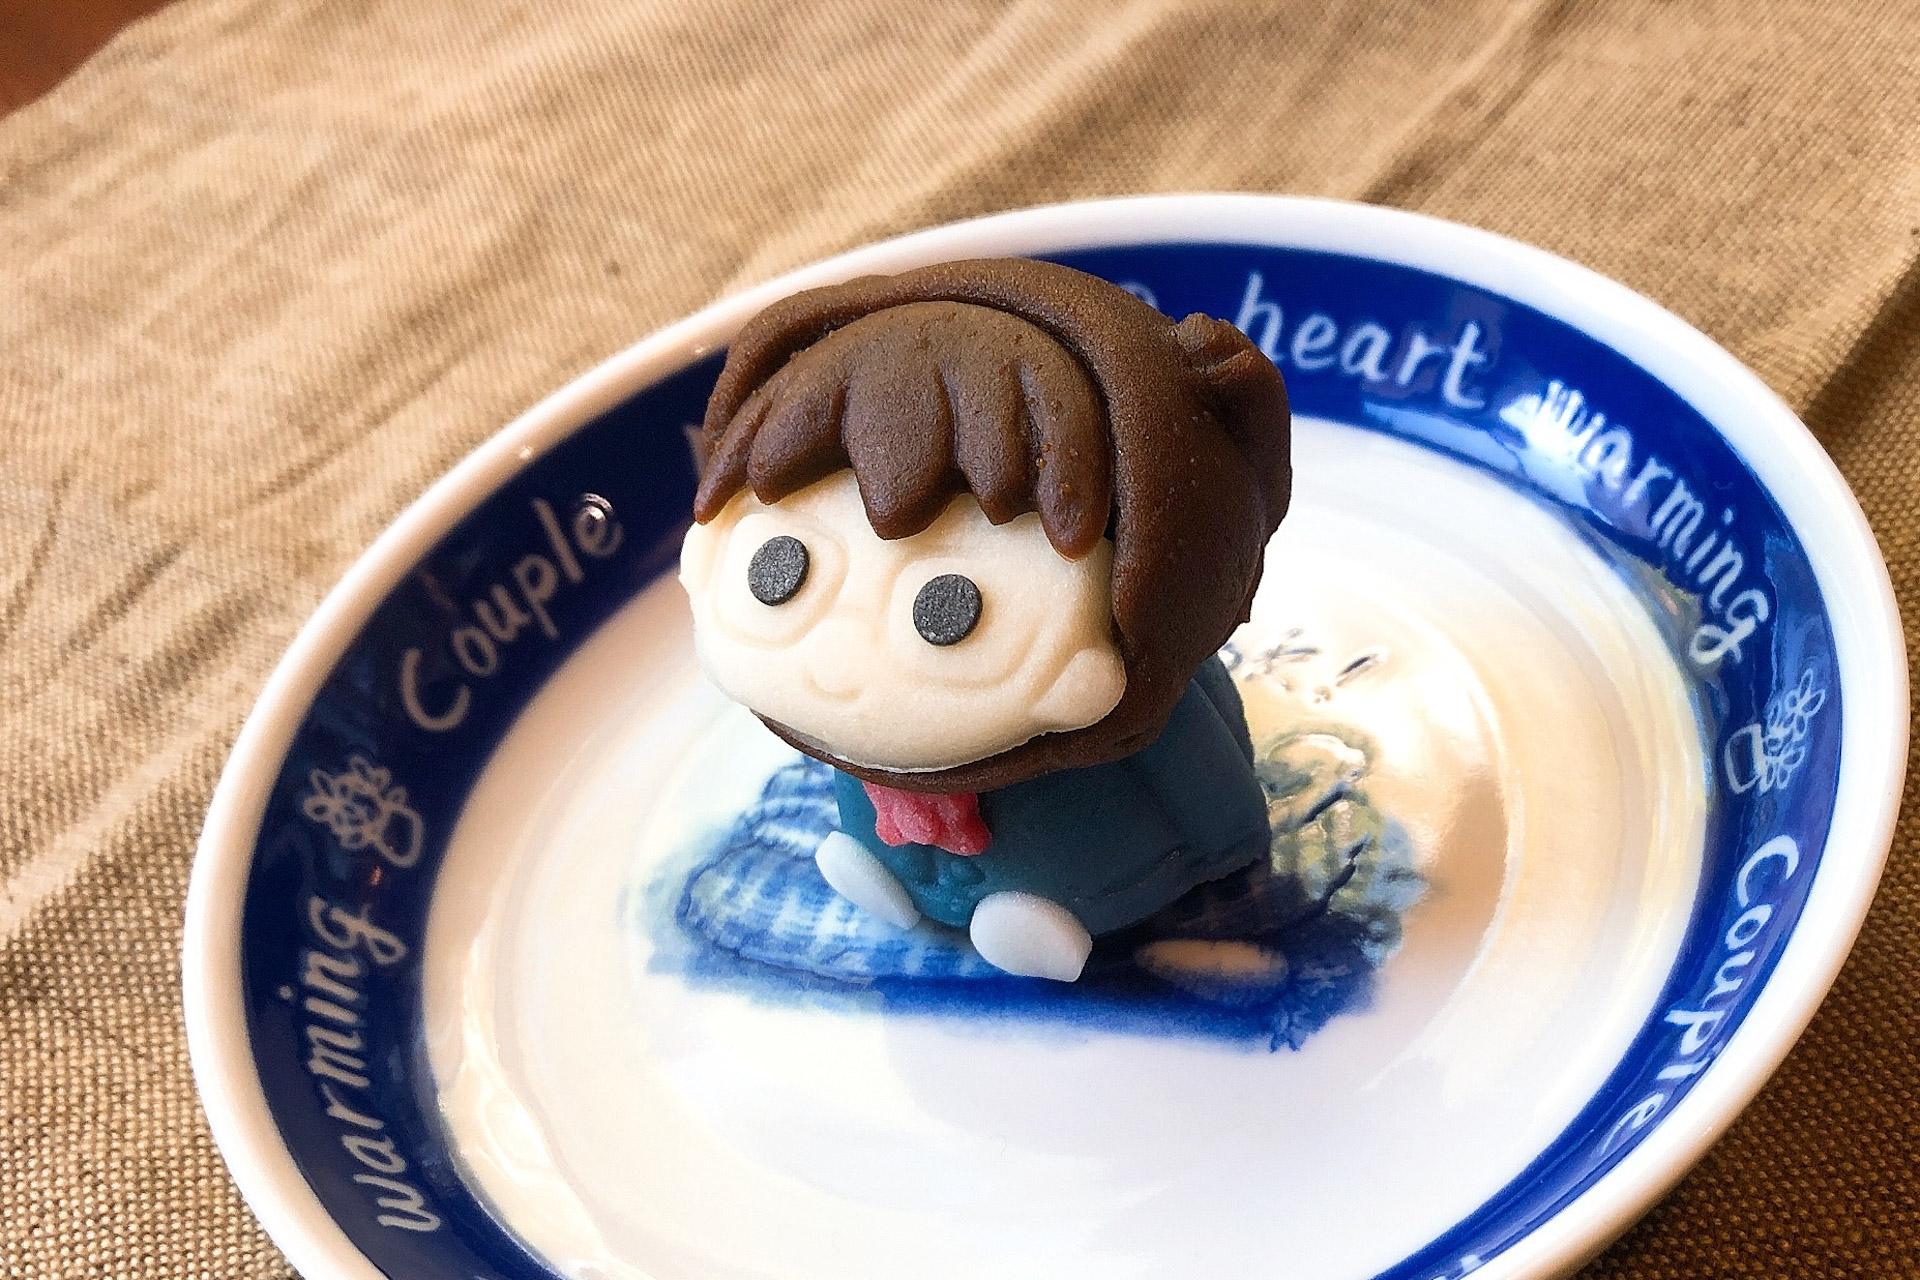 見た目はコナン、中身は和菓子!セブン限定「食べマス名探偵コナン 江戸川コナン」